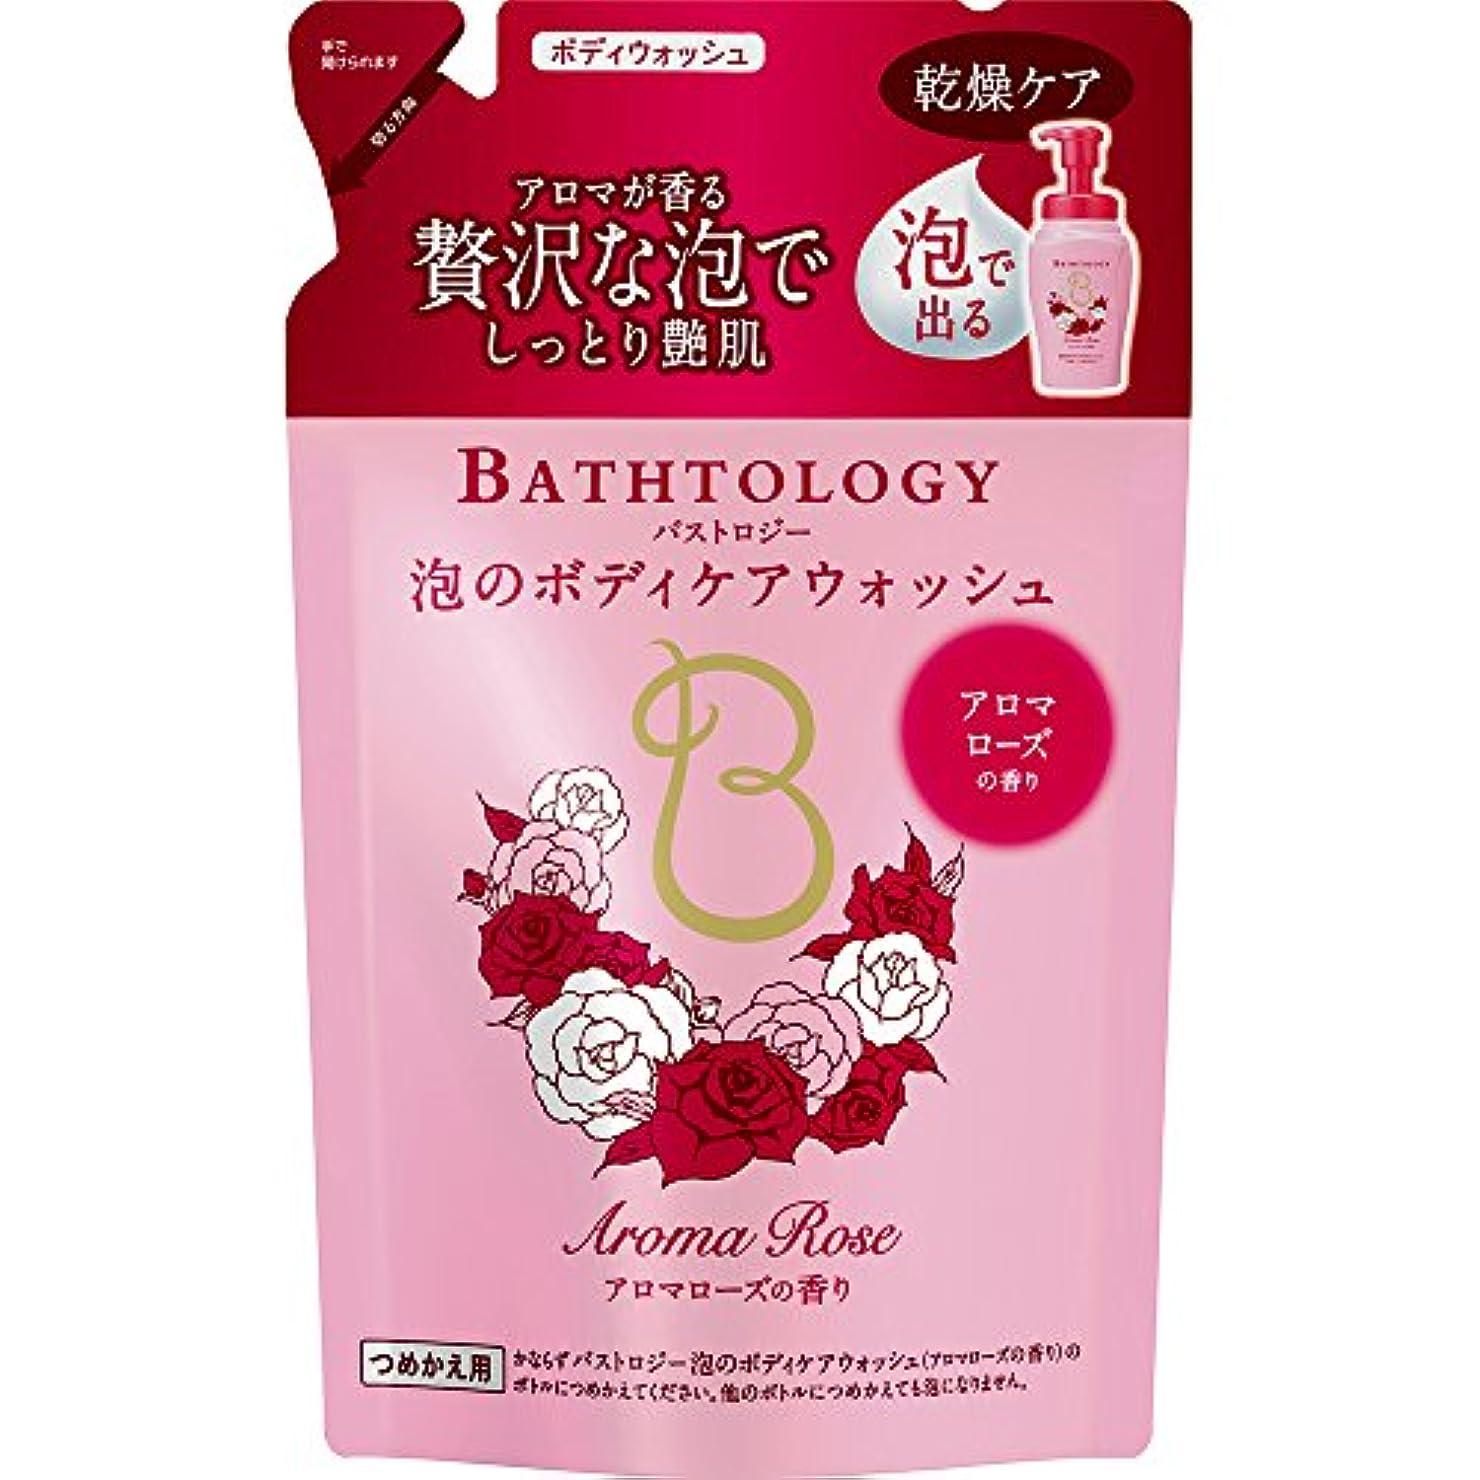 絶壁と闘う手がかりBATHTOLOGY 泡のボディケアウォッシュ アロマローズの香り 詰め替え 350ml